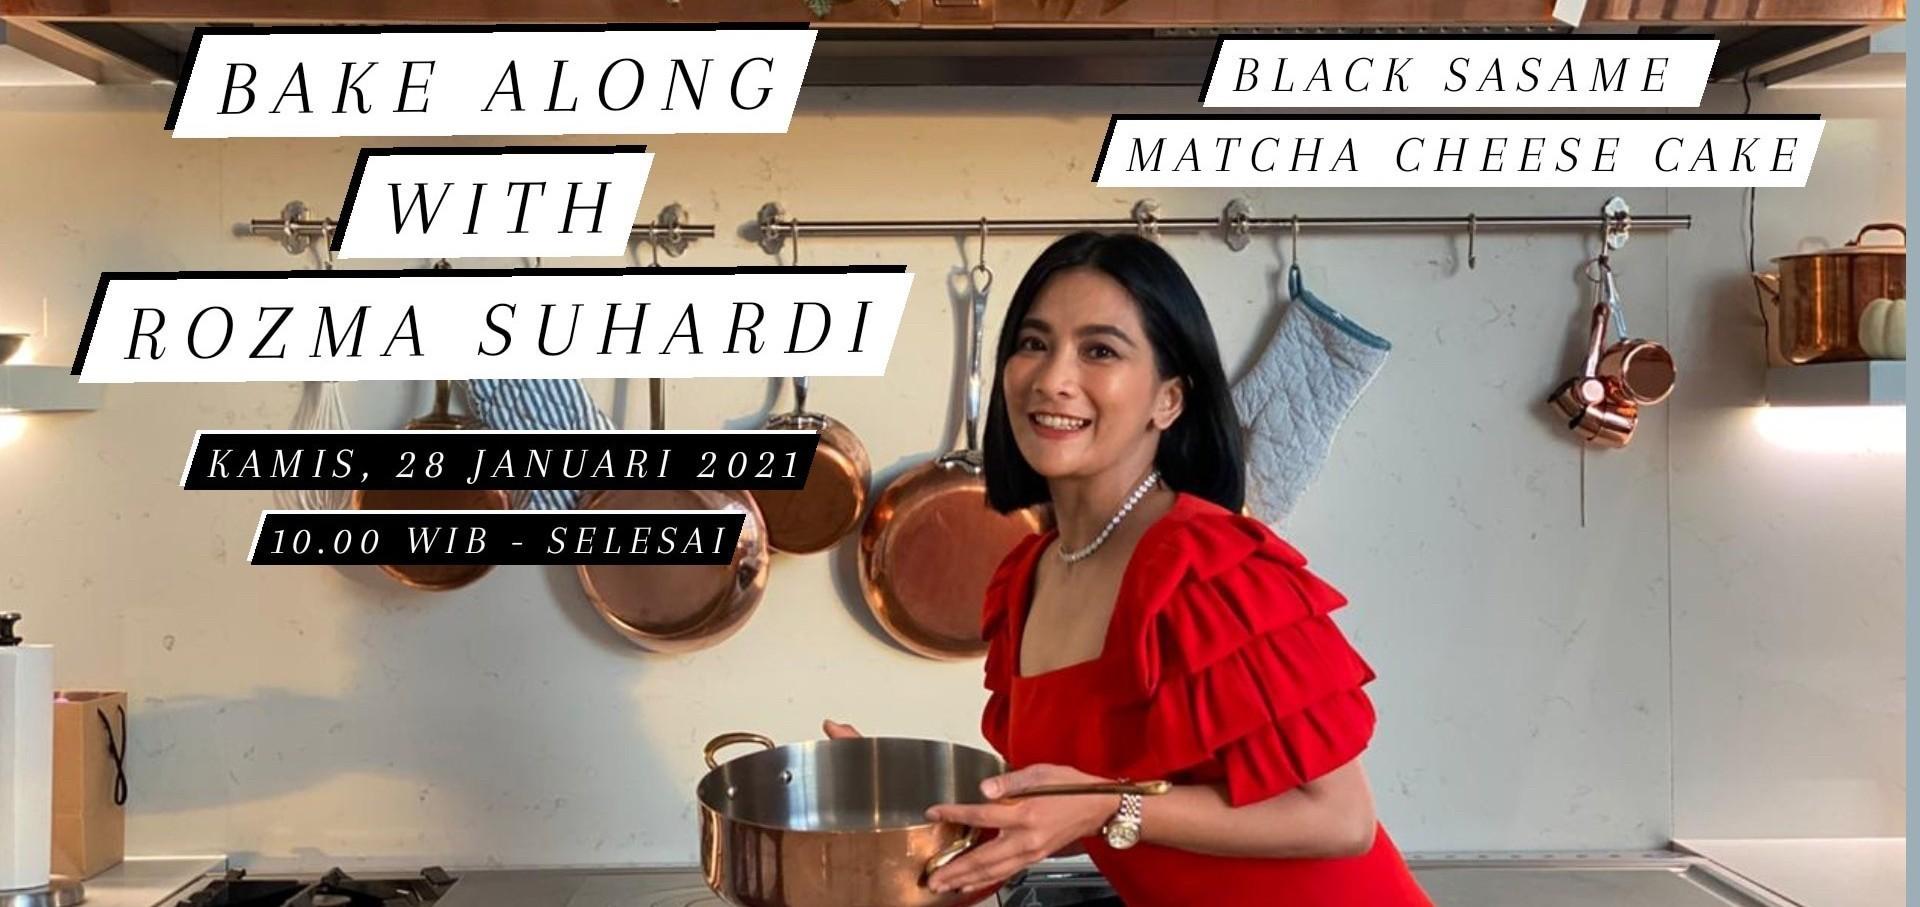 Bake Along with Rozma Suhardi (Black Sasame Matcha Cheese Cake)